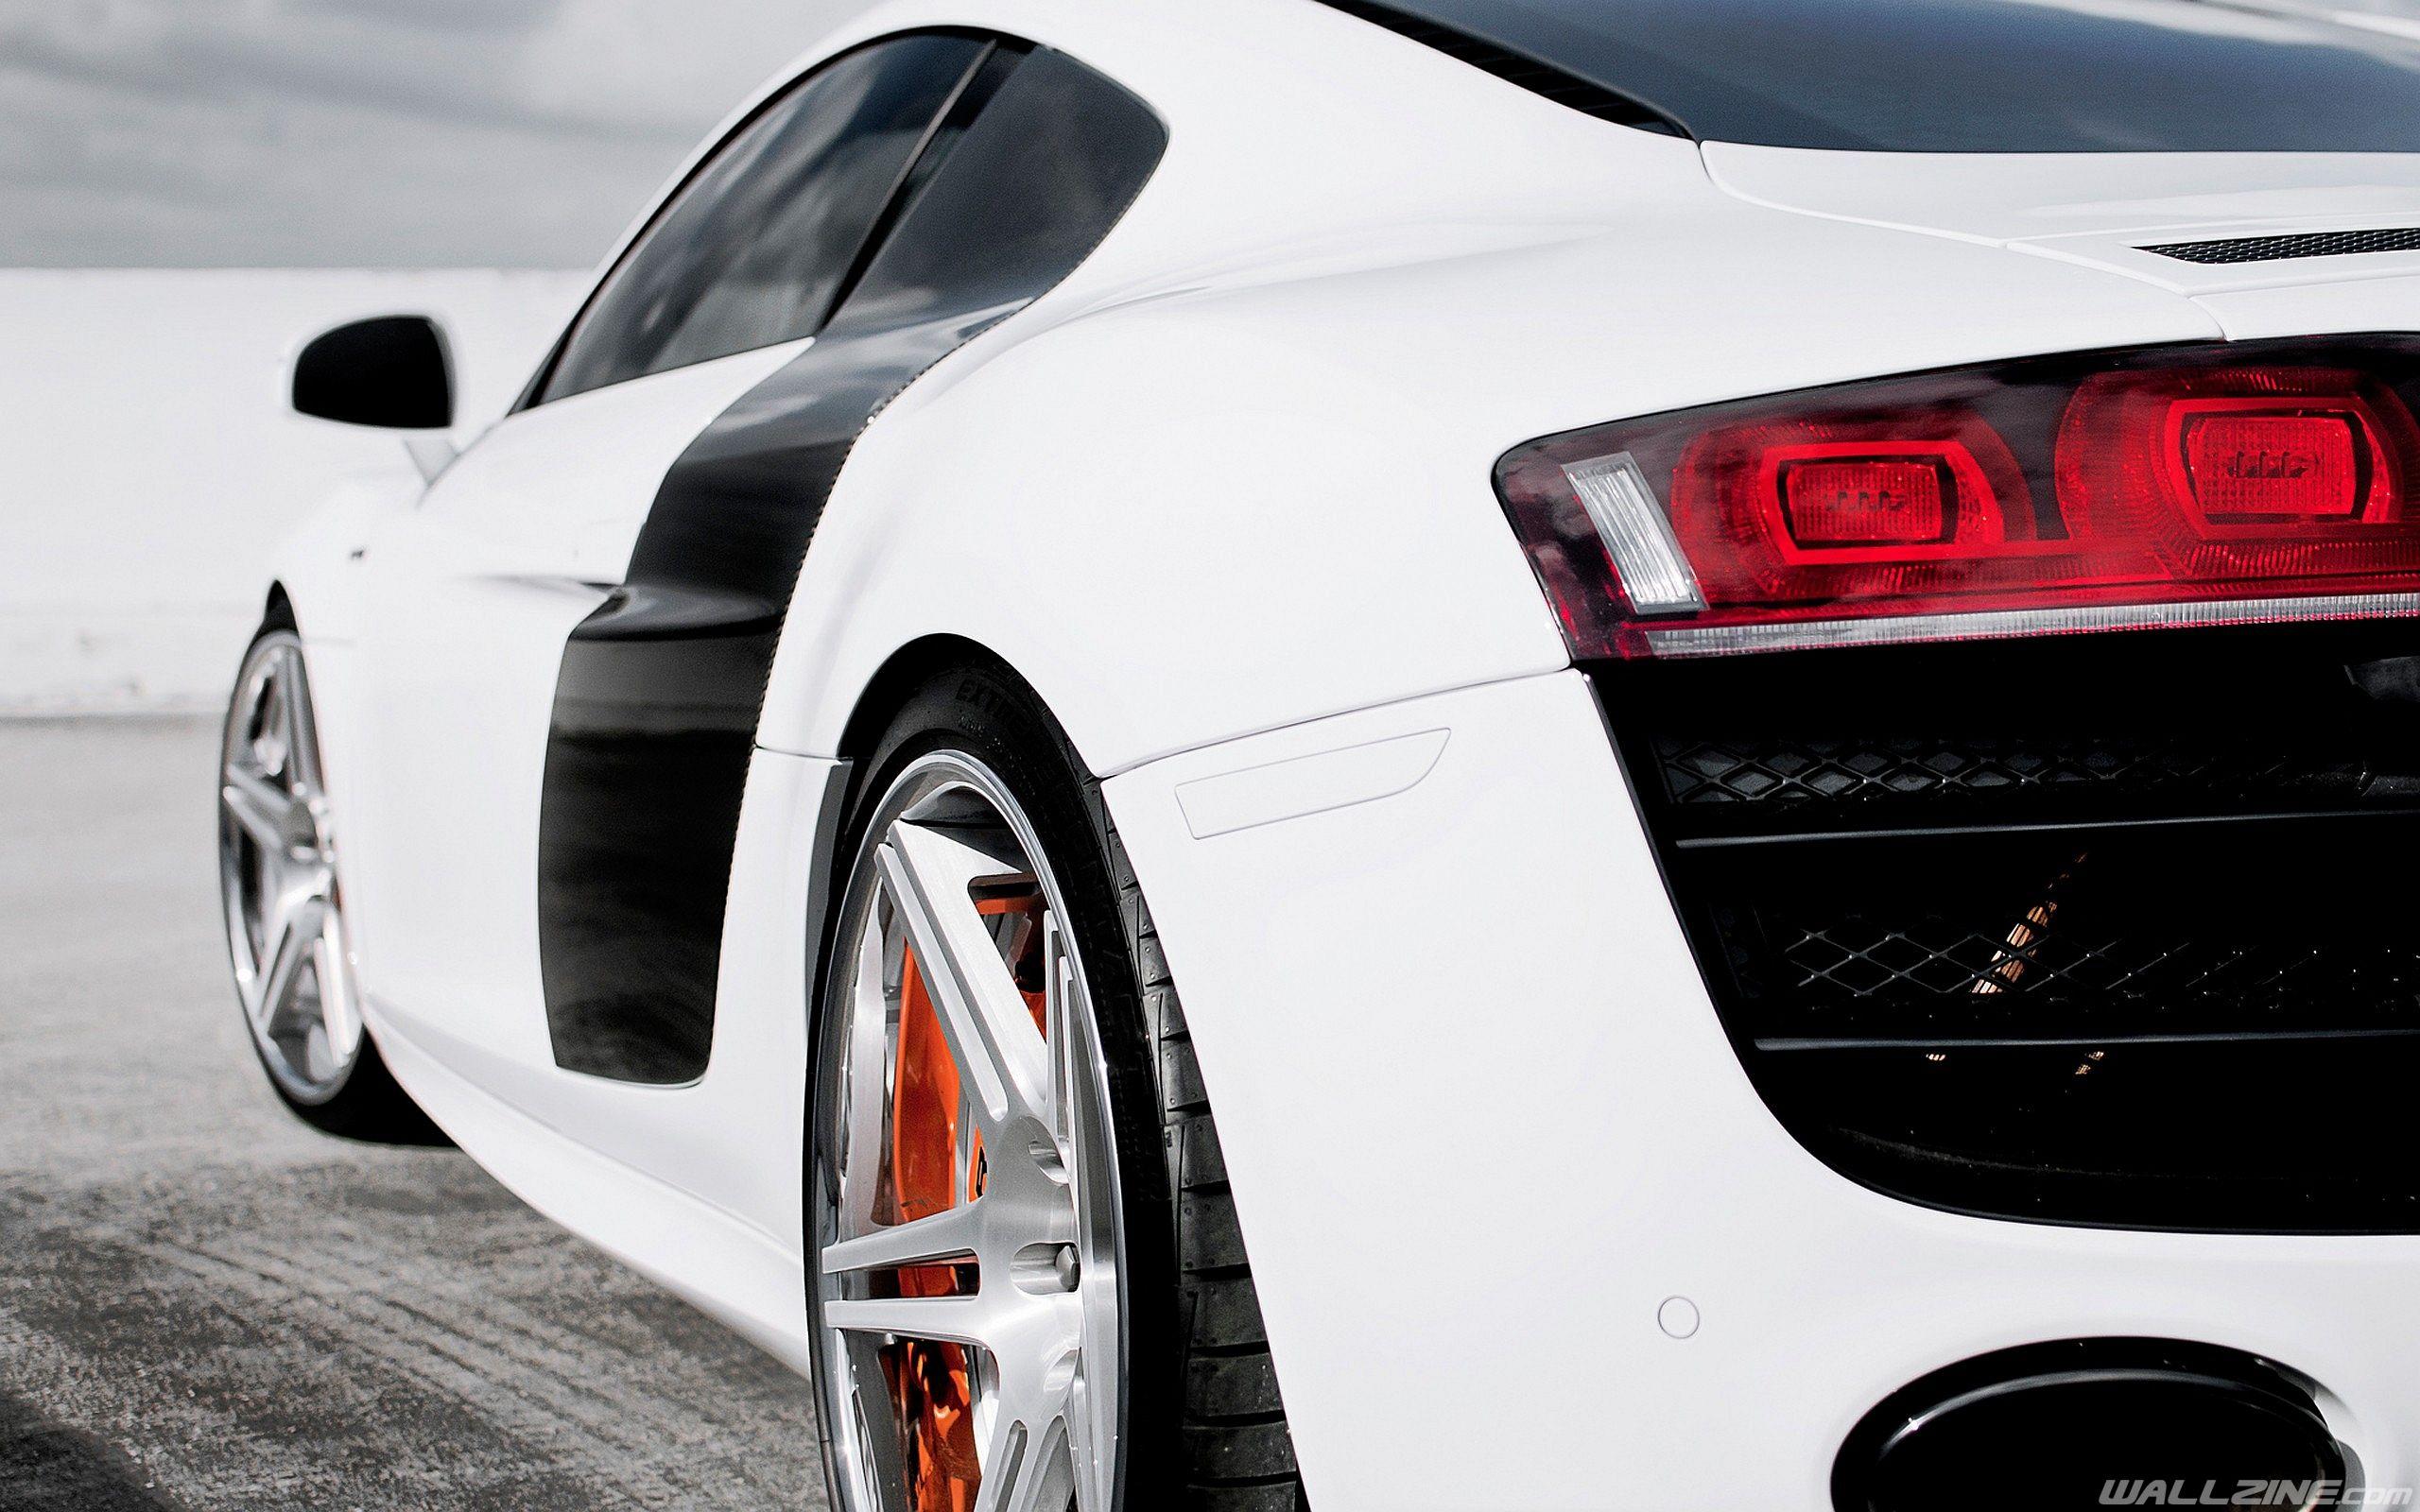 Fantastic Tail Lights Hd Desktop Wallpaper Wallzine Com Car Car Bmw Car Super Cars